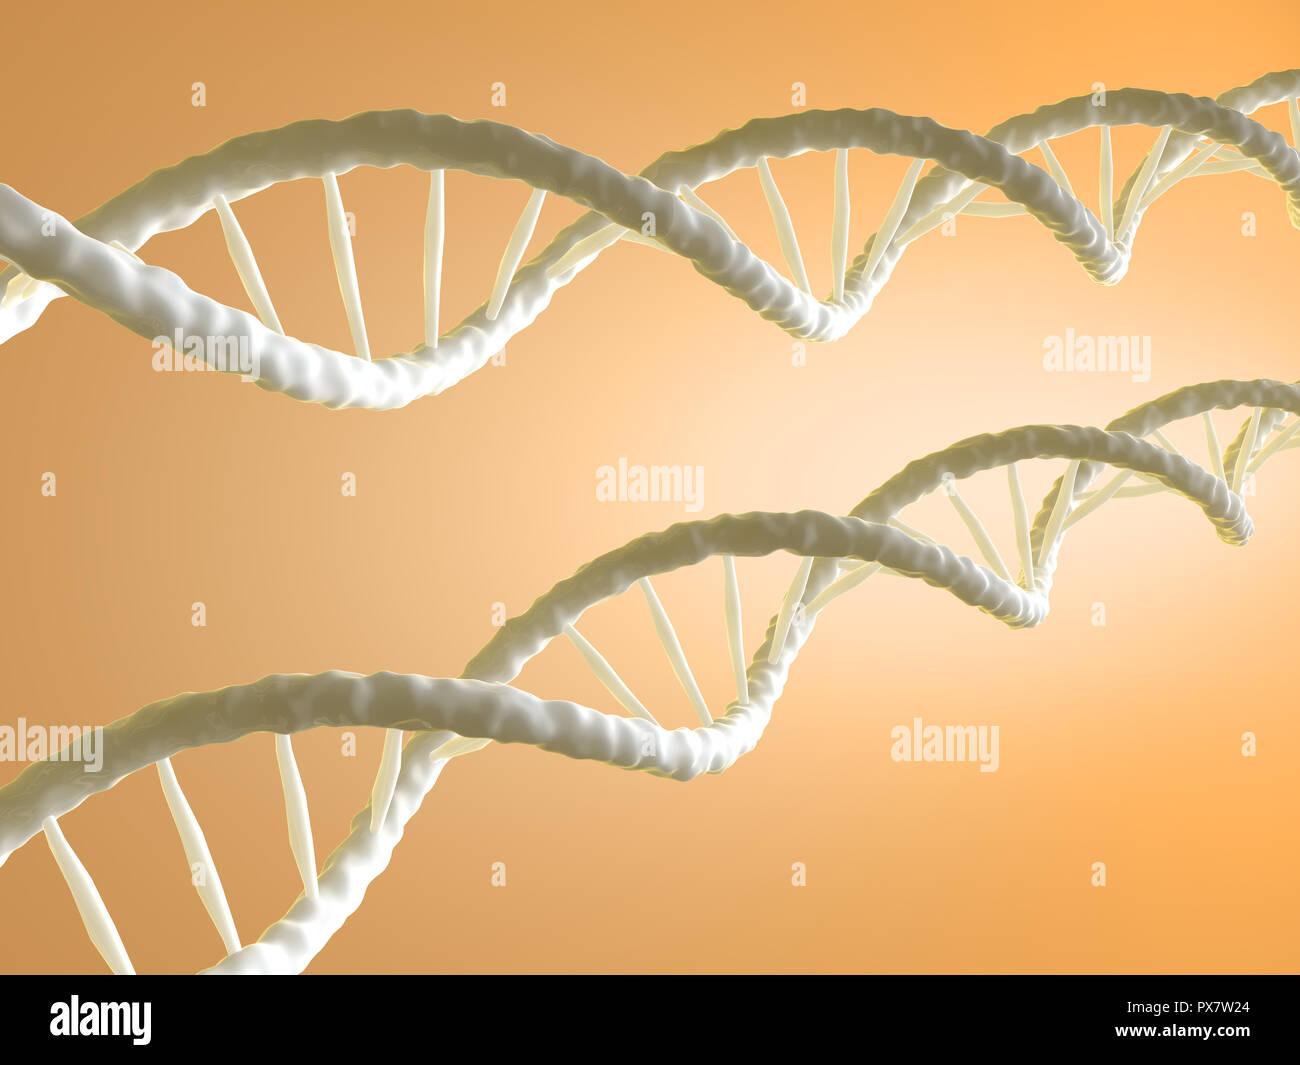 DNA-Strang - 3d auf gelben Hintergrund dargestellt Stockbild